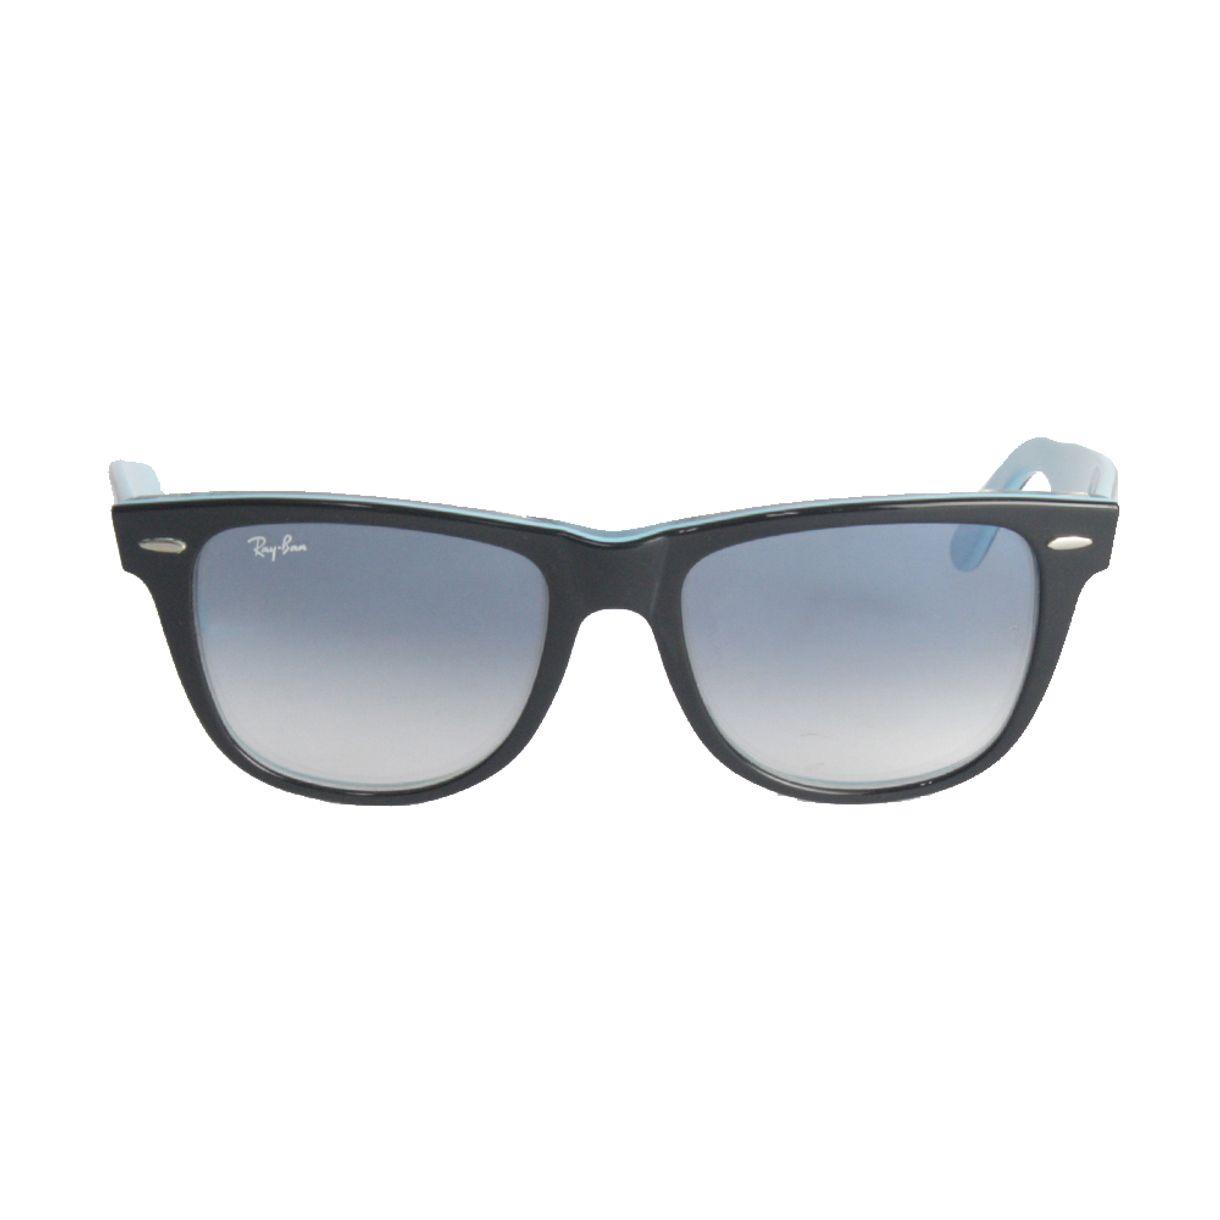 Oculos-Ray-Ban-Wayfarer-Preto-e-Azul